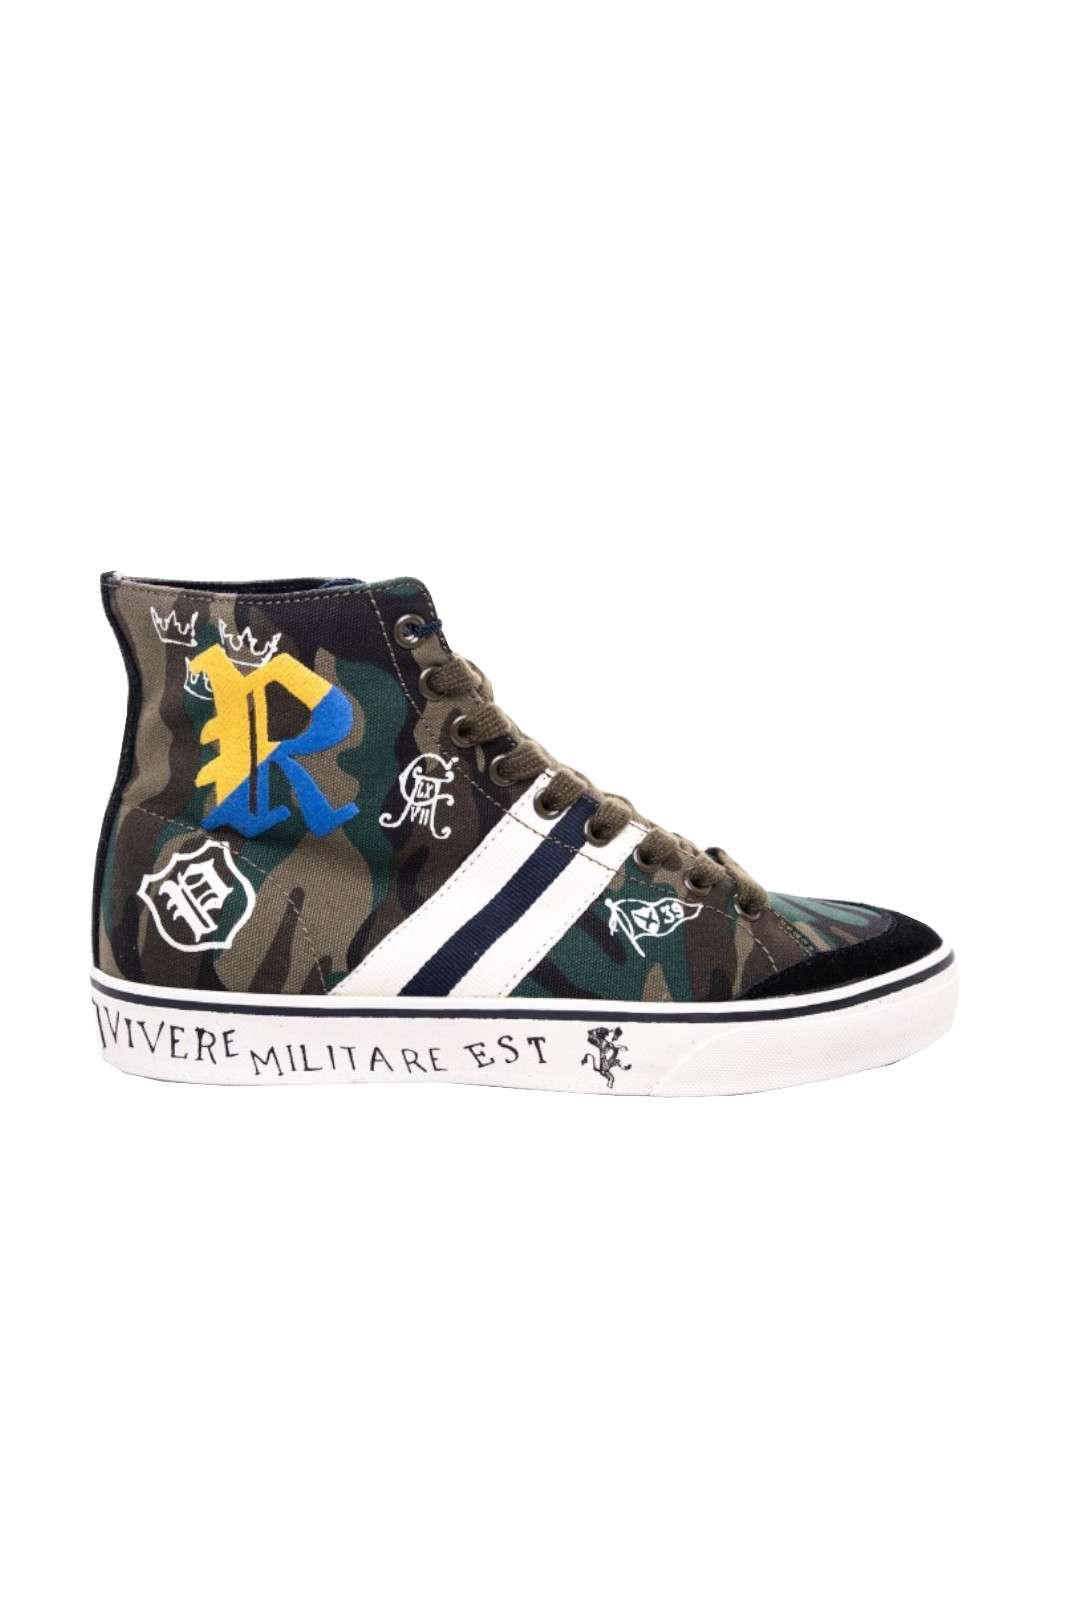 Una scarpa a collo alto quella firmata Polo Ralph Lauren. Caratterizzata dalla fantasia militare con scritte che rendono vivace la sneaker. Da abbinare ad un jeans è il massimo.